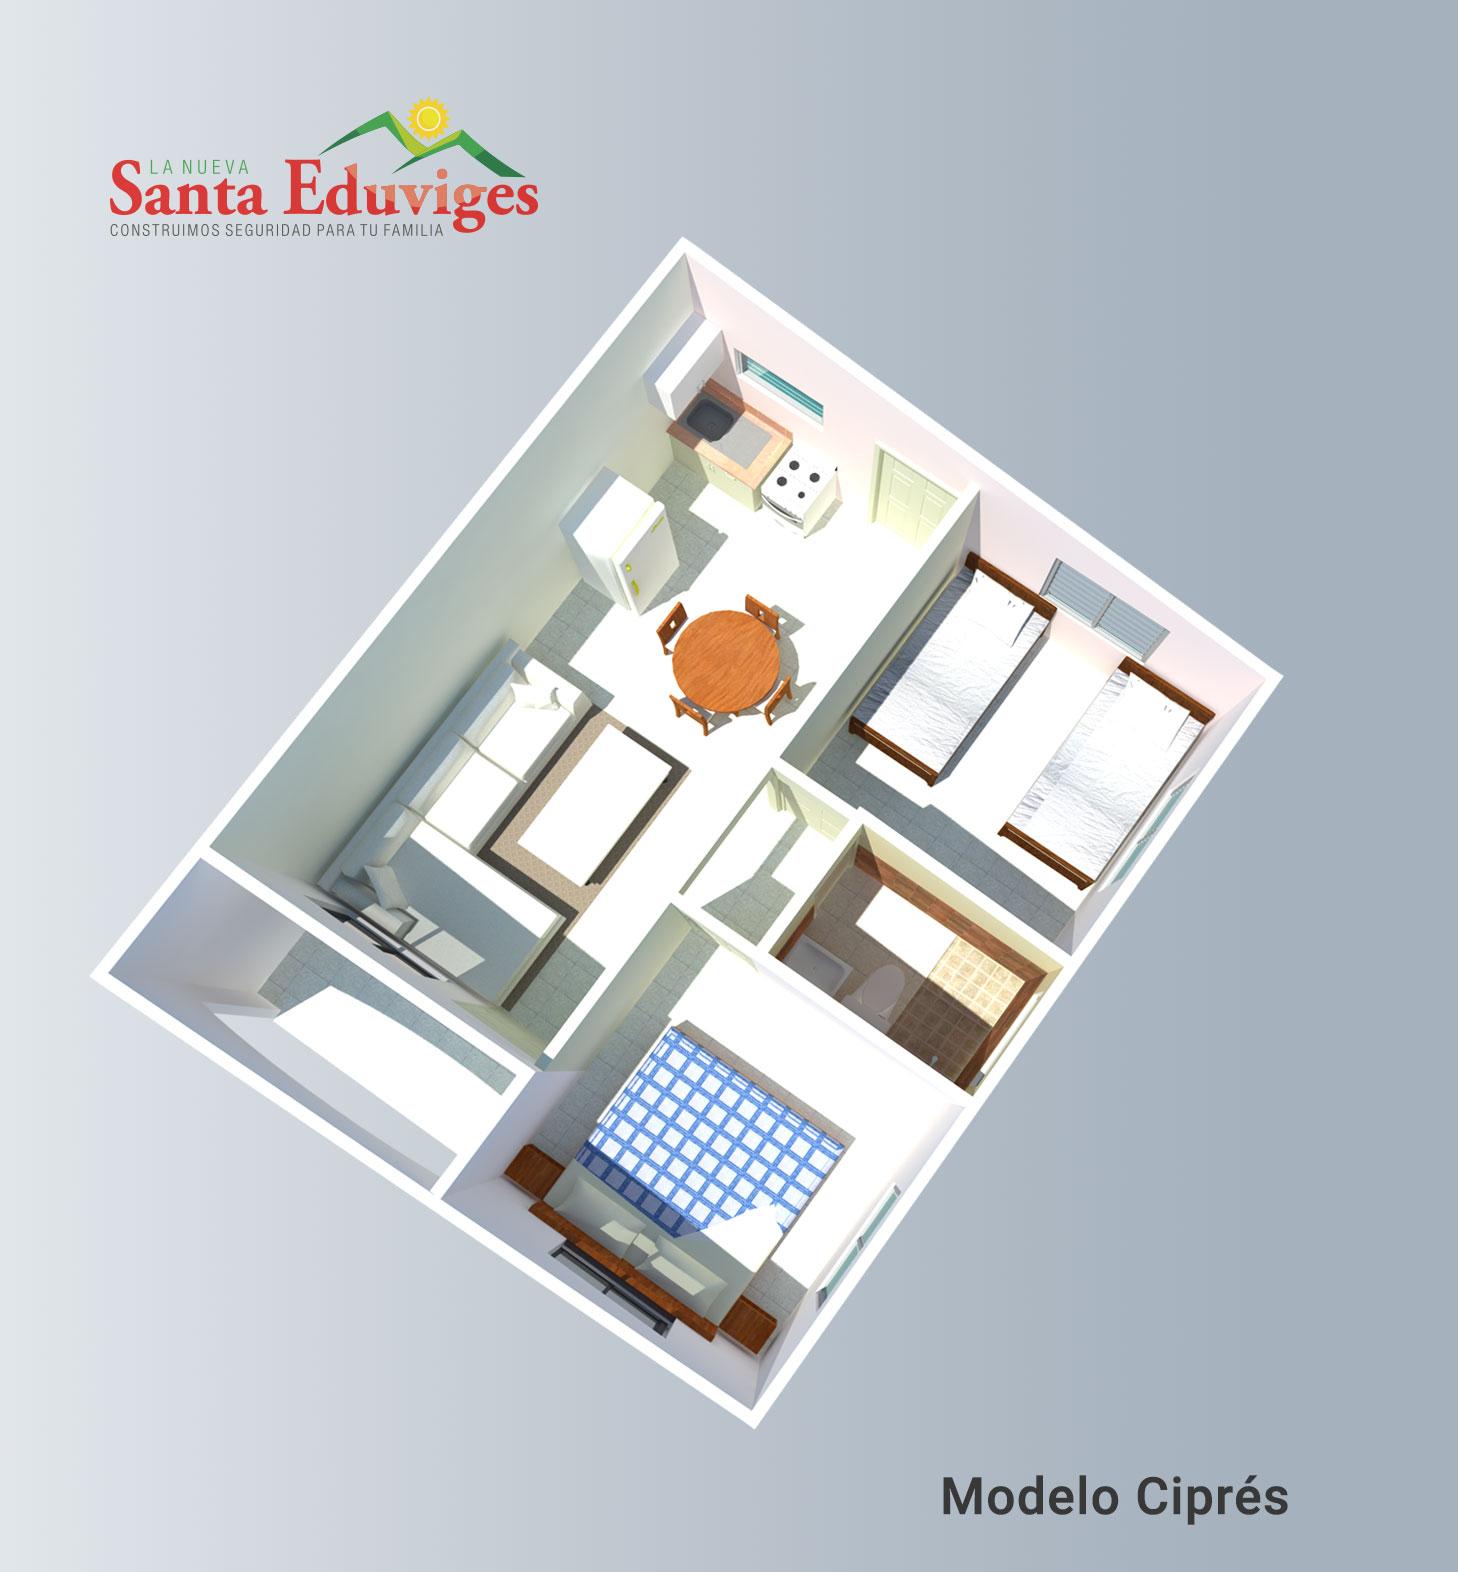 Modelo Ciprés Planta